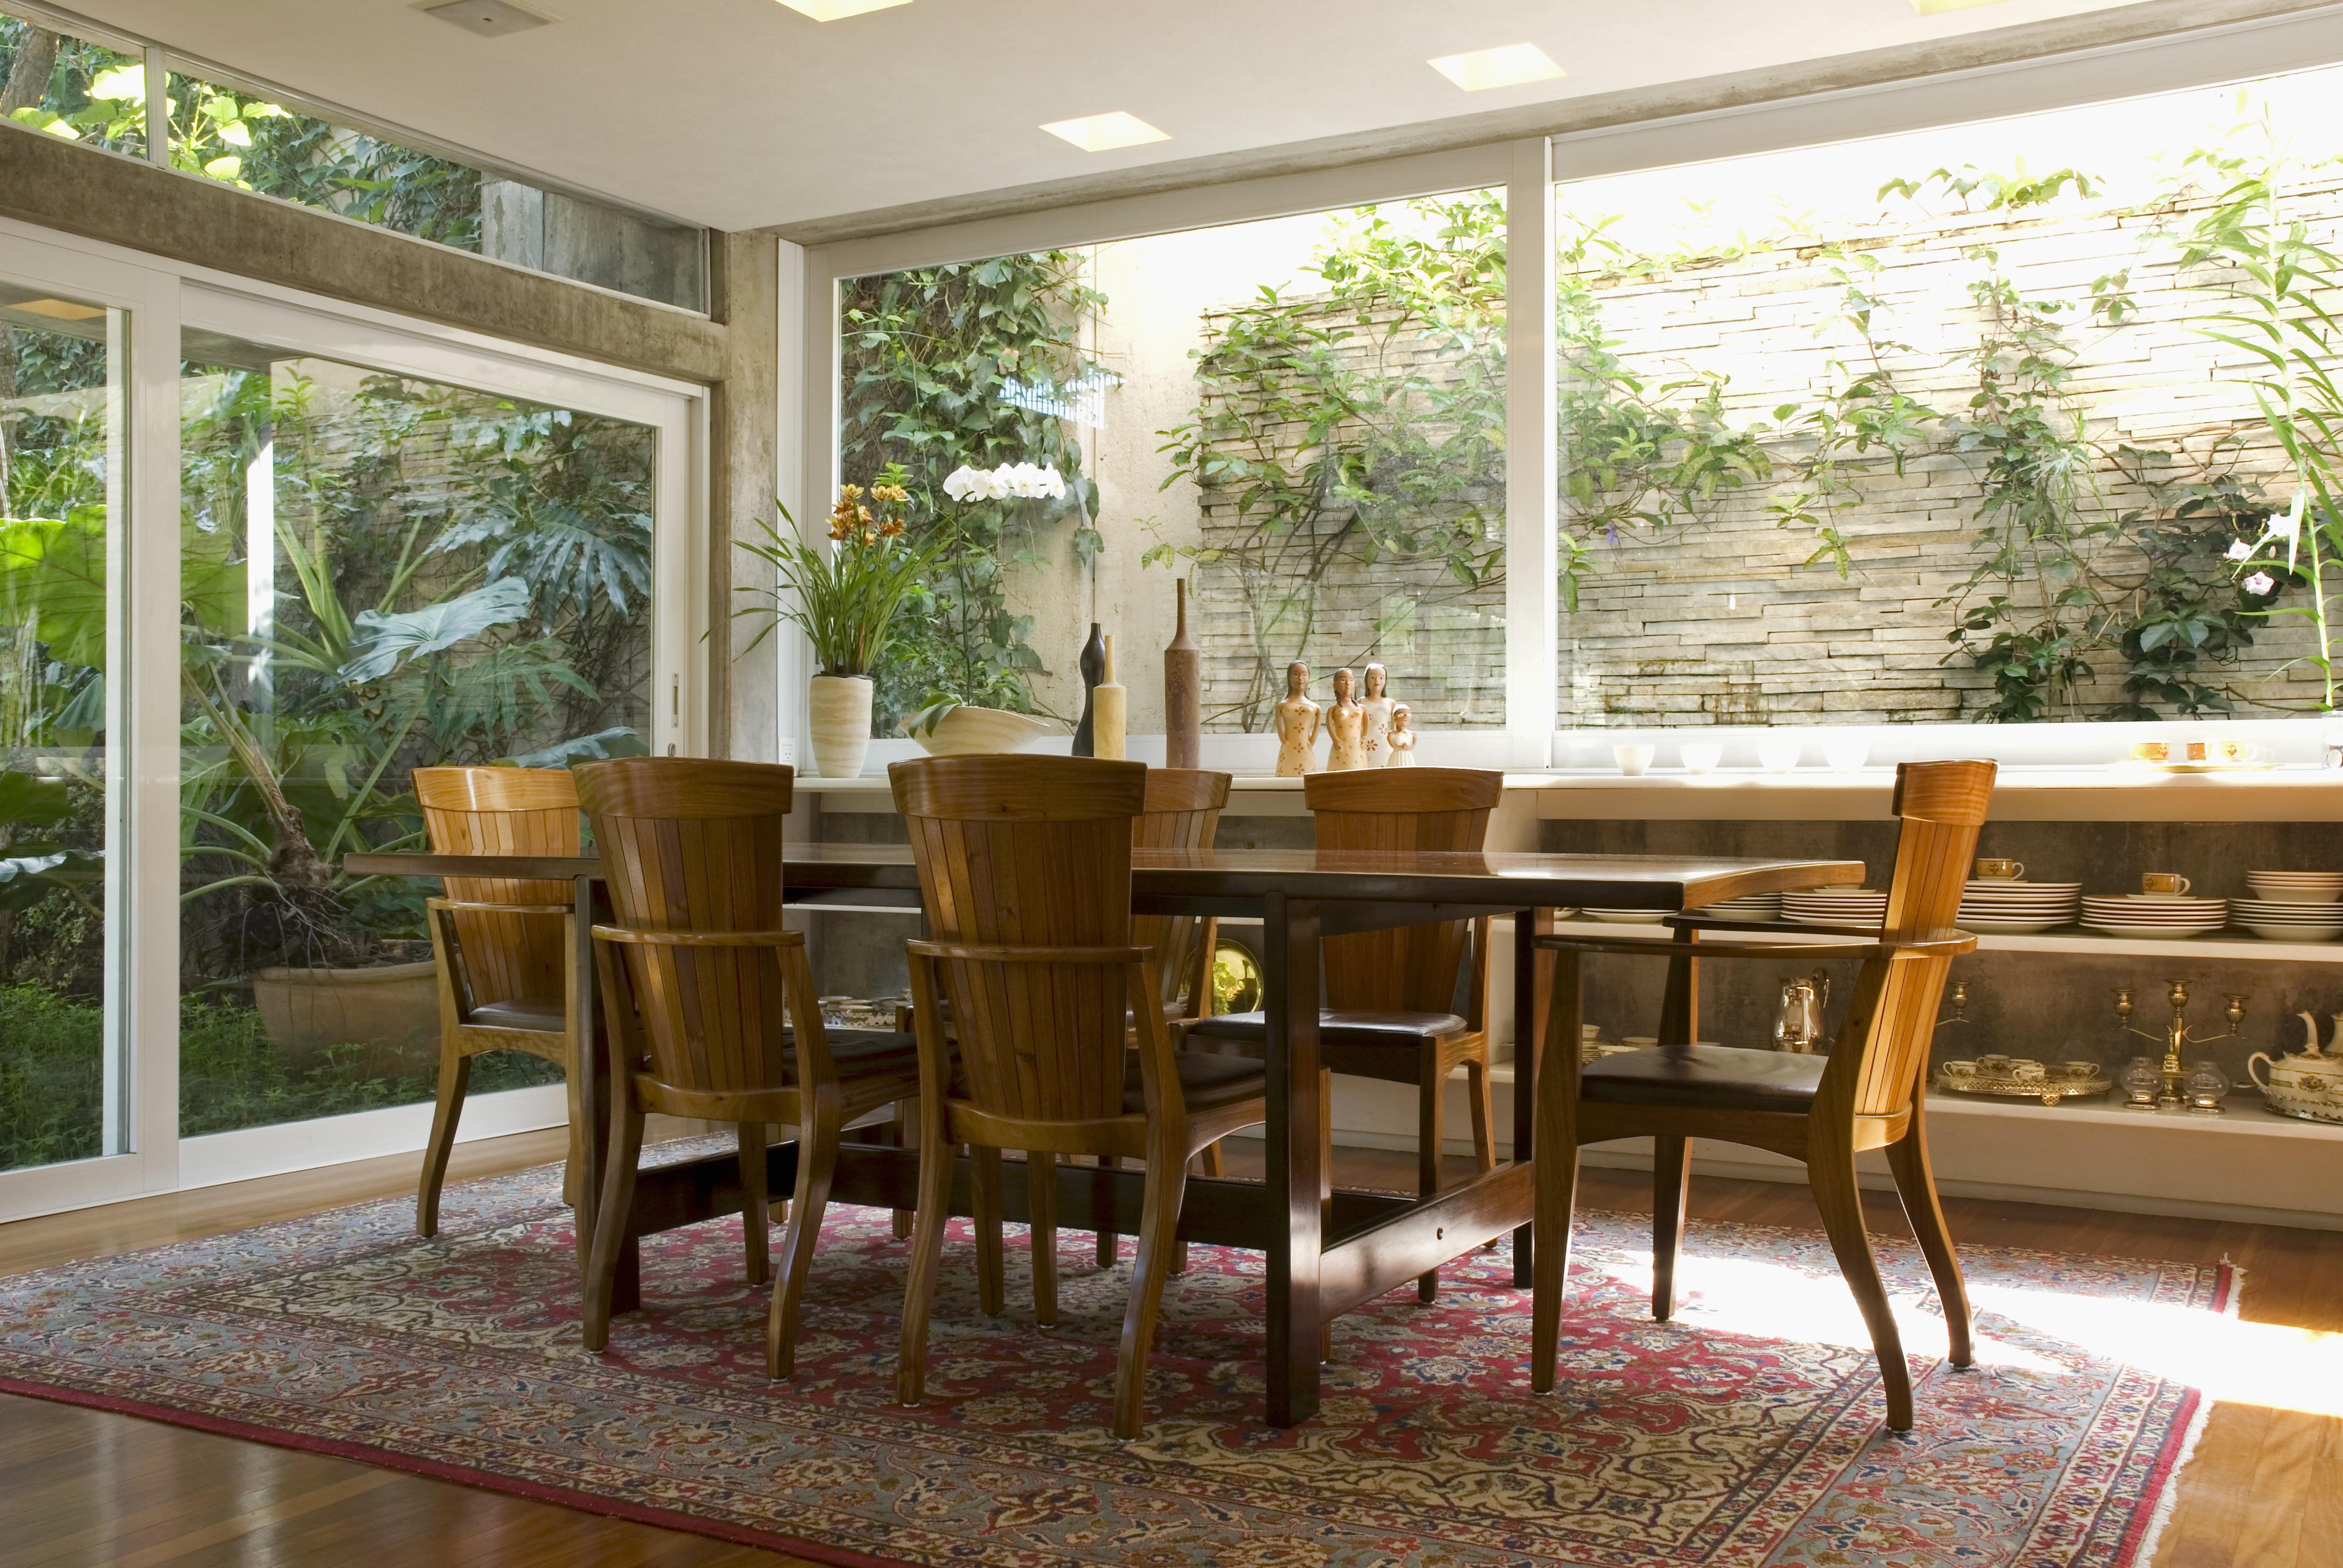 Muebles de comedor de madera casa natural westwing - Muebles de madera natural ...